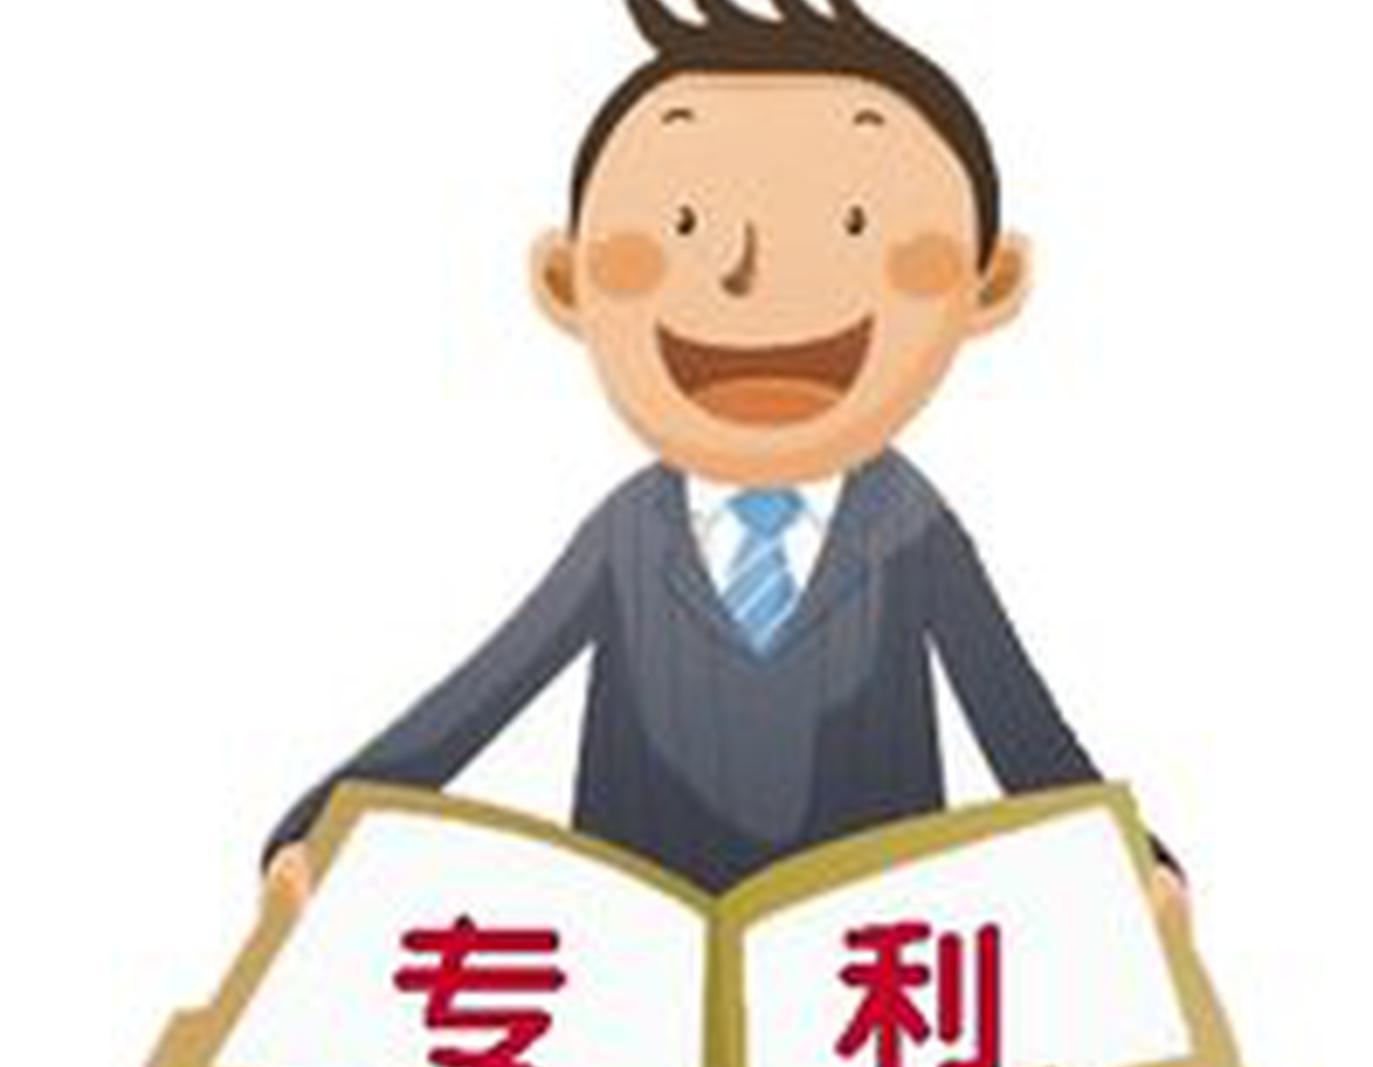 湖南省專利申請量長沙居第一